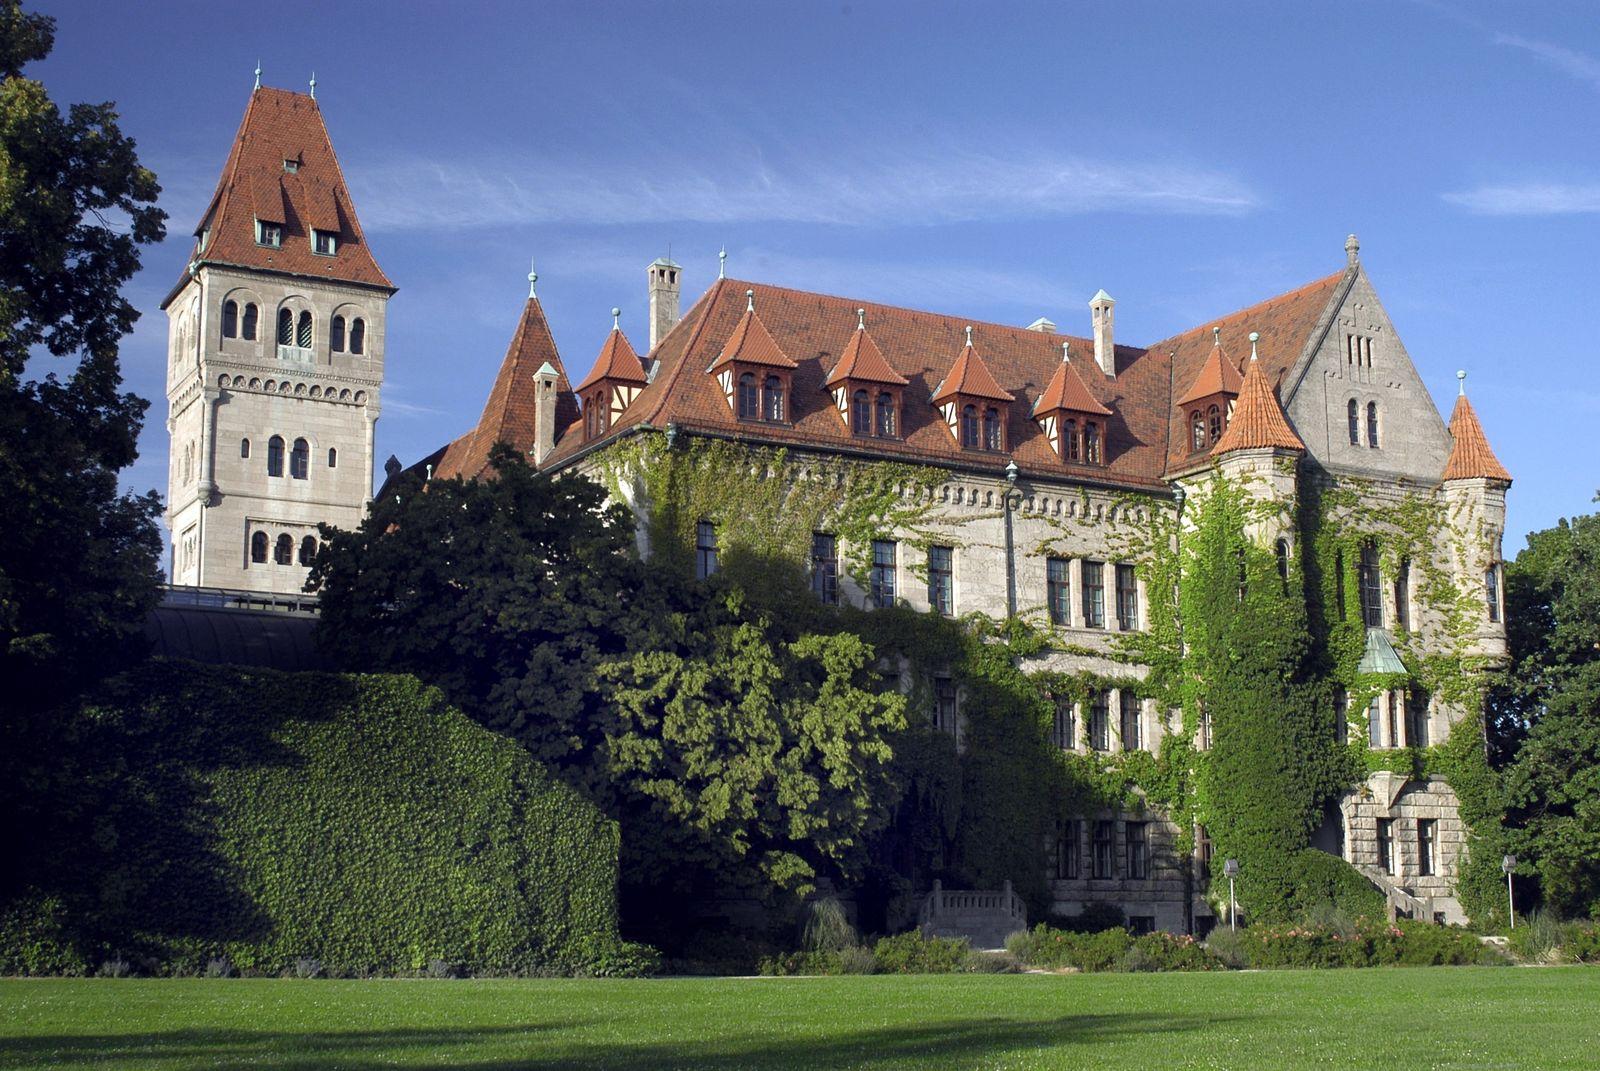 Schloß Faber-Castell in Stein